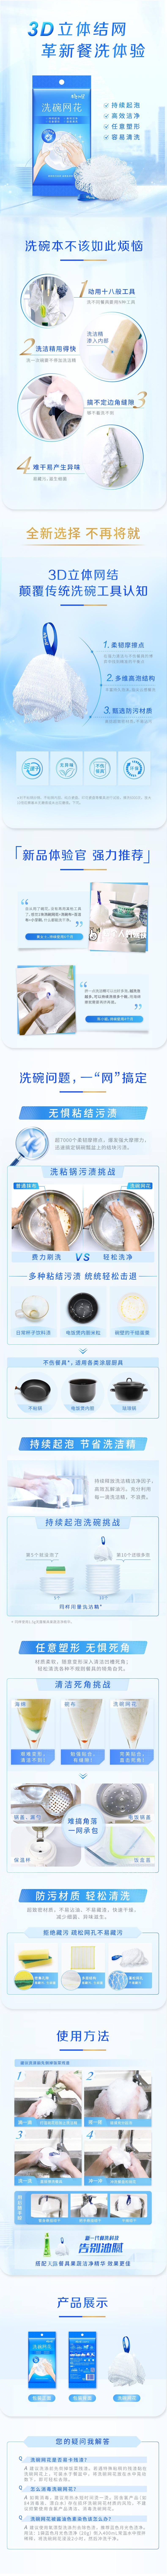 洗碗网花详情页-20200901.jpg